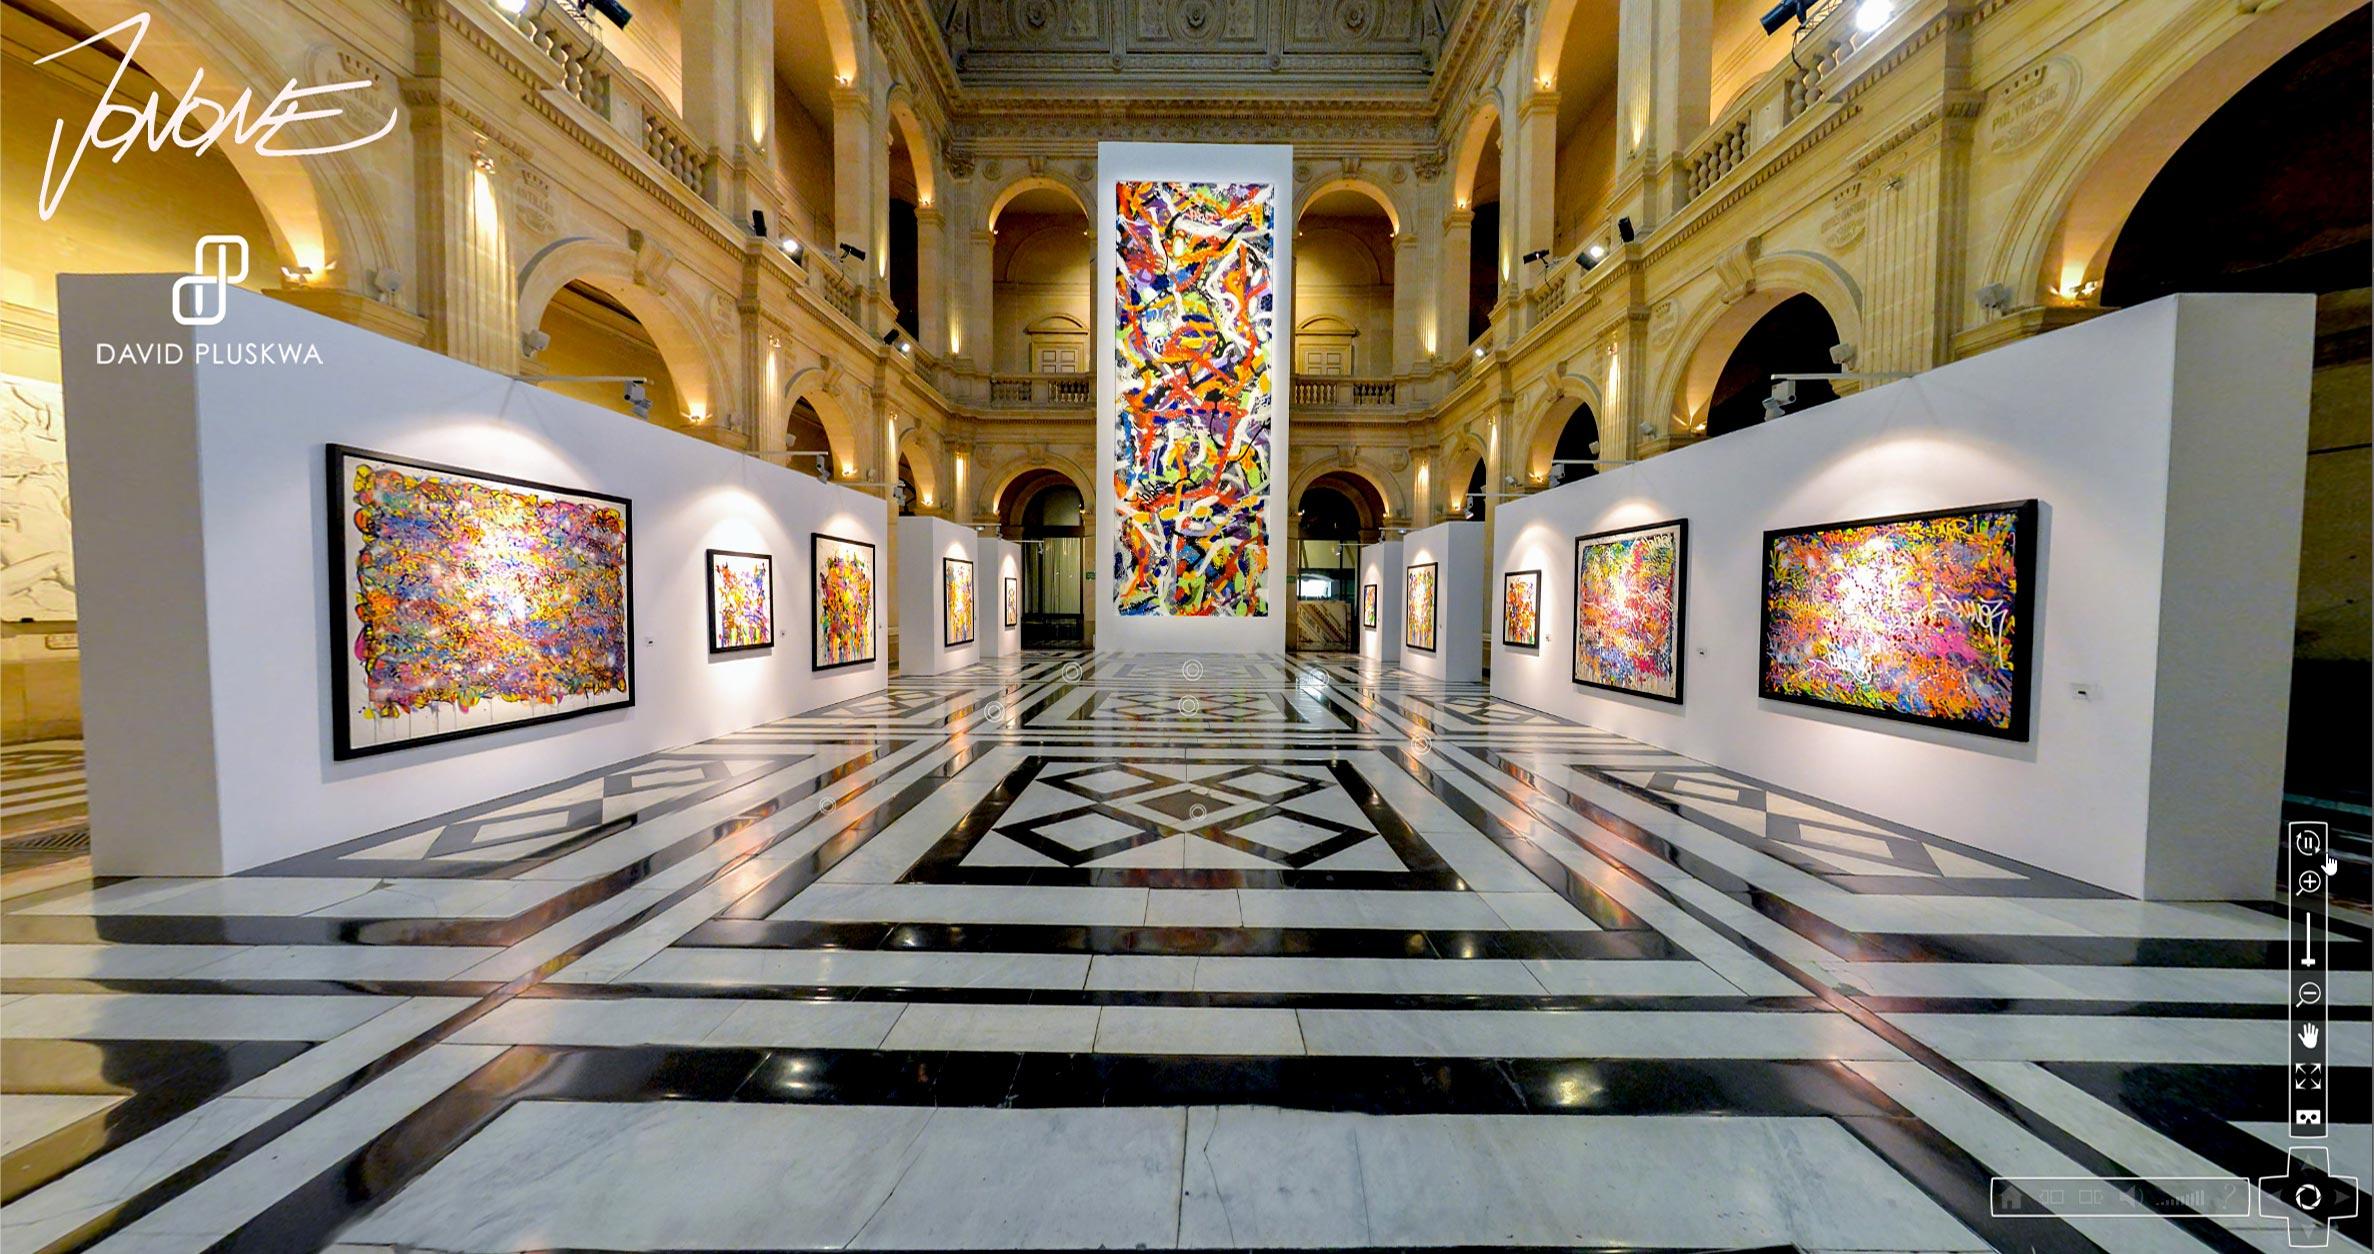 Création-de-visite-virtuelle-de-galerie-d'art